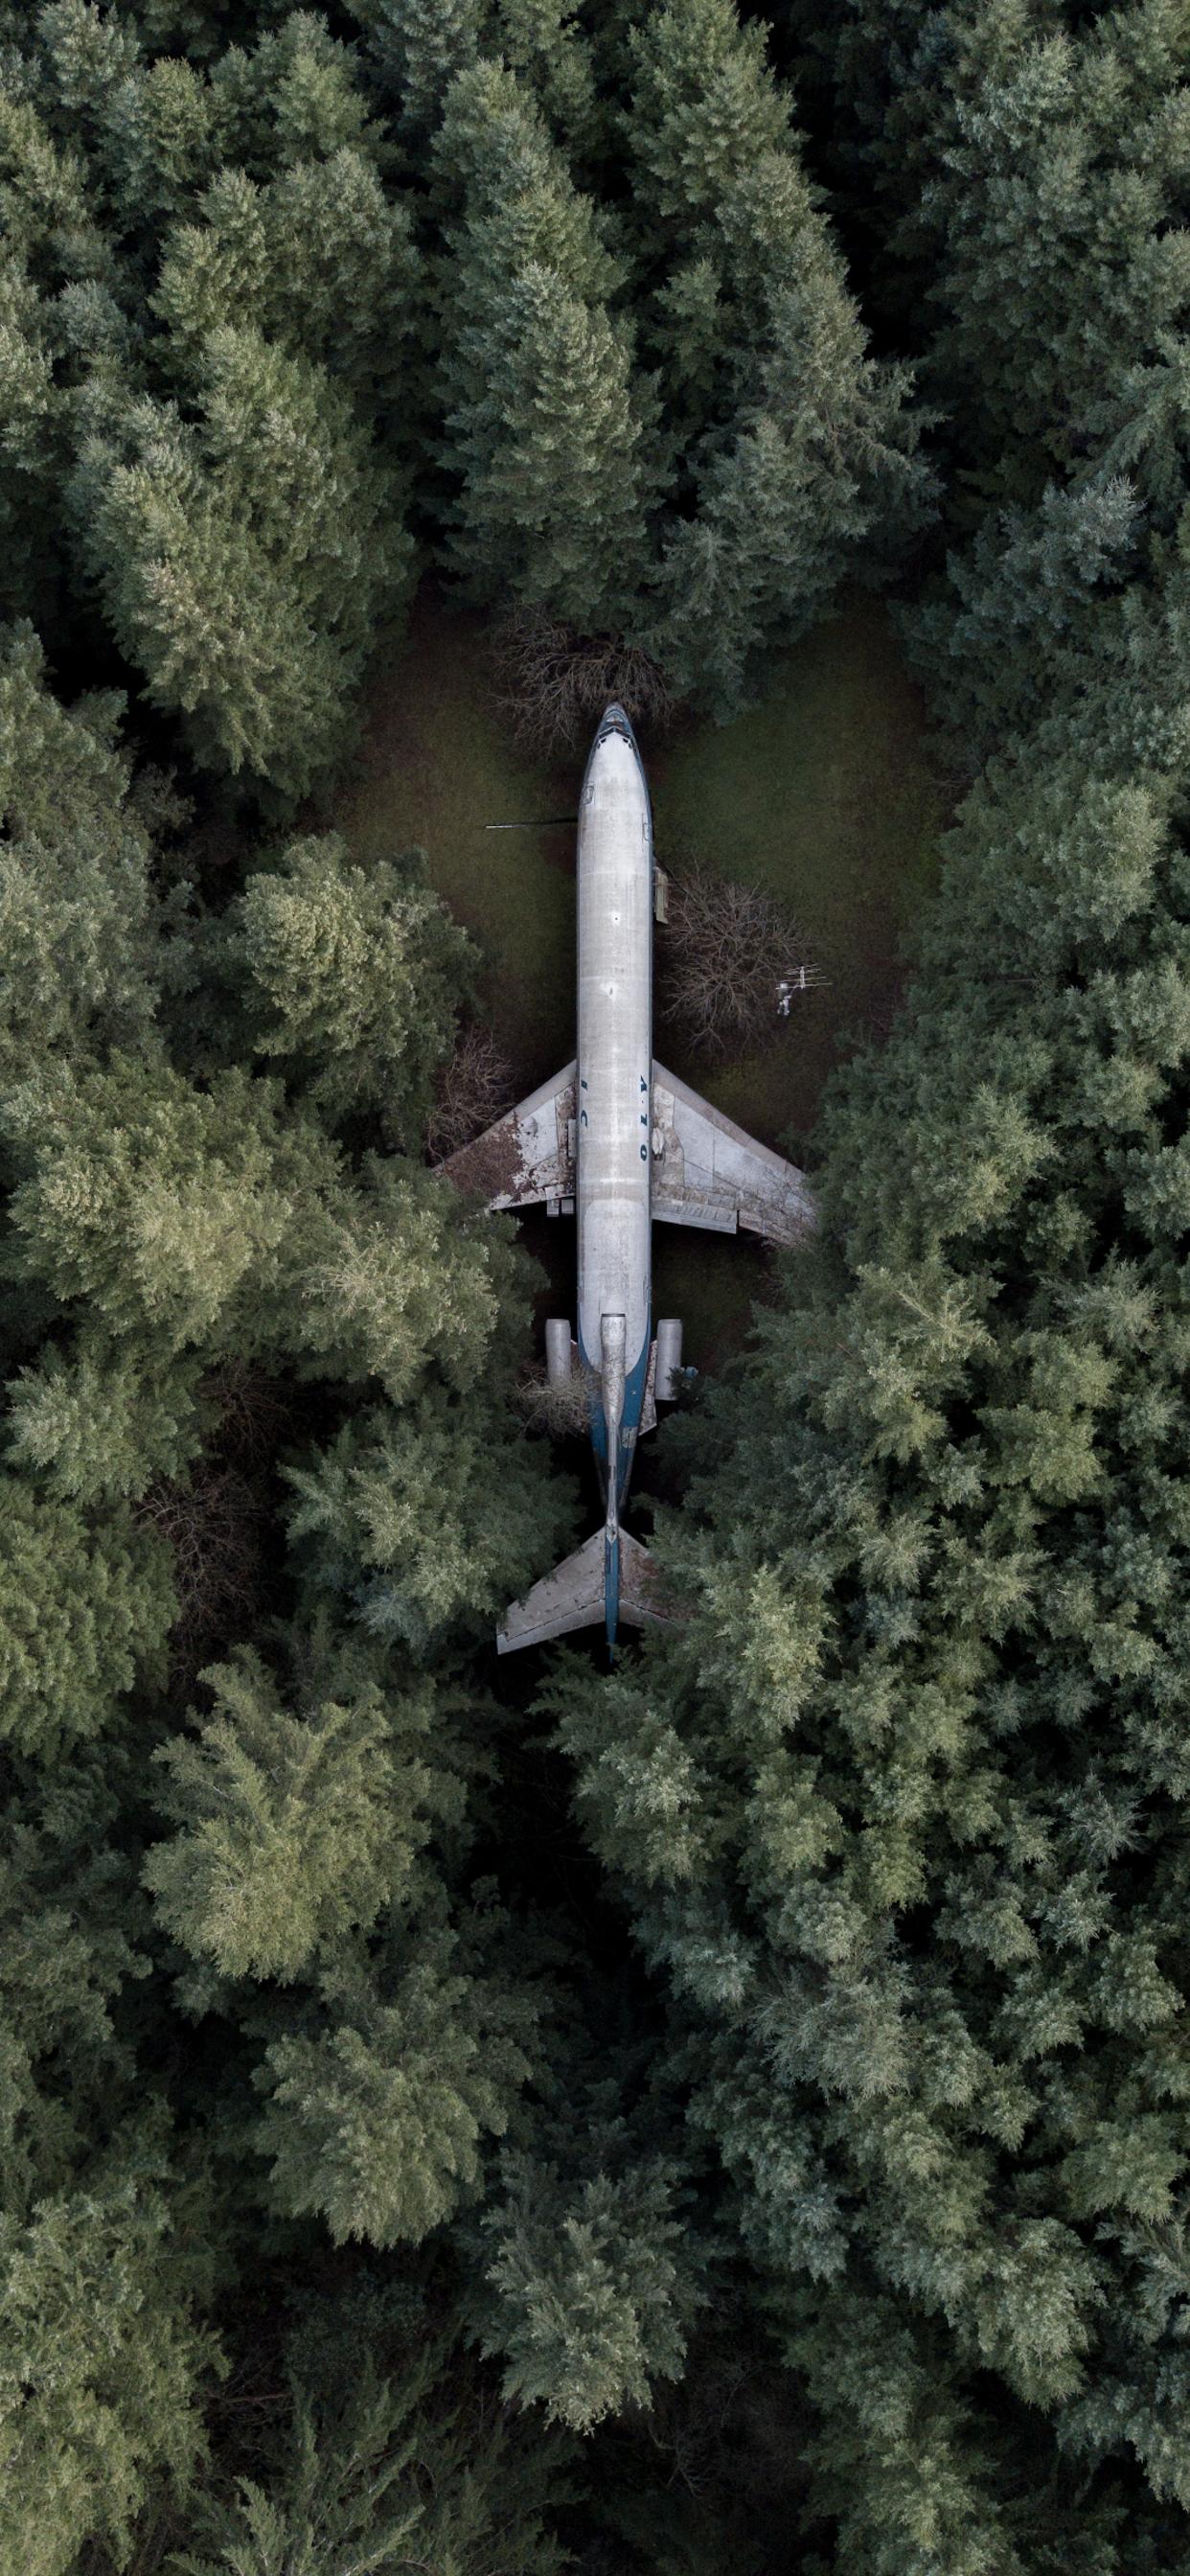 iPhone wallpapers aerial images plane 3 Fonds d'écran iPhone du 30/10/2019